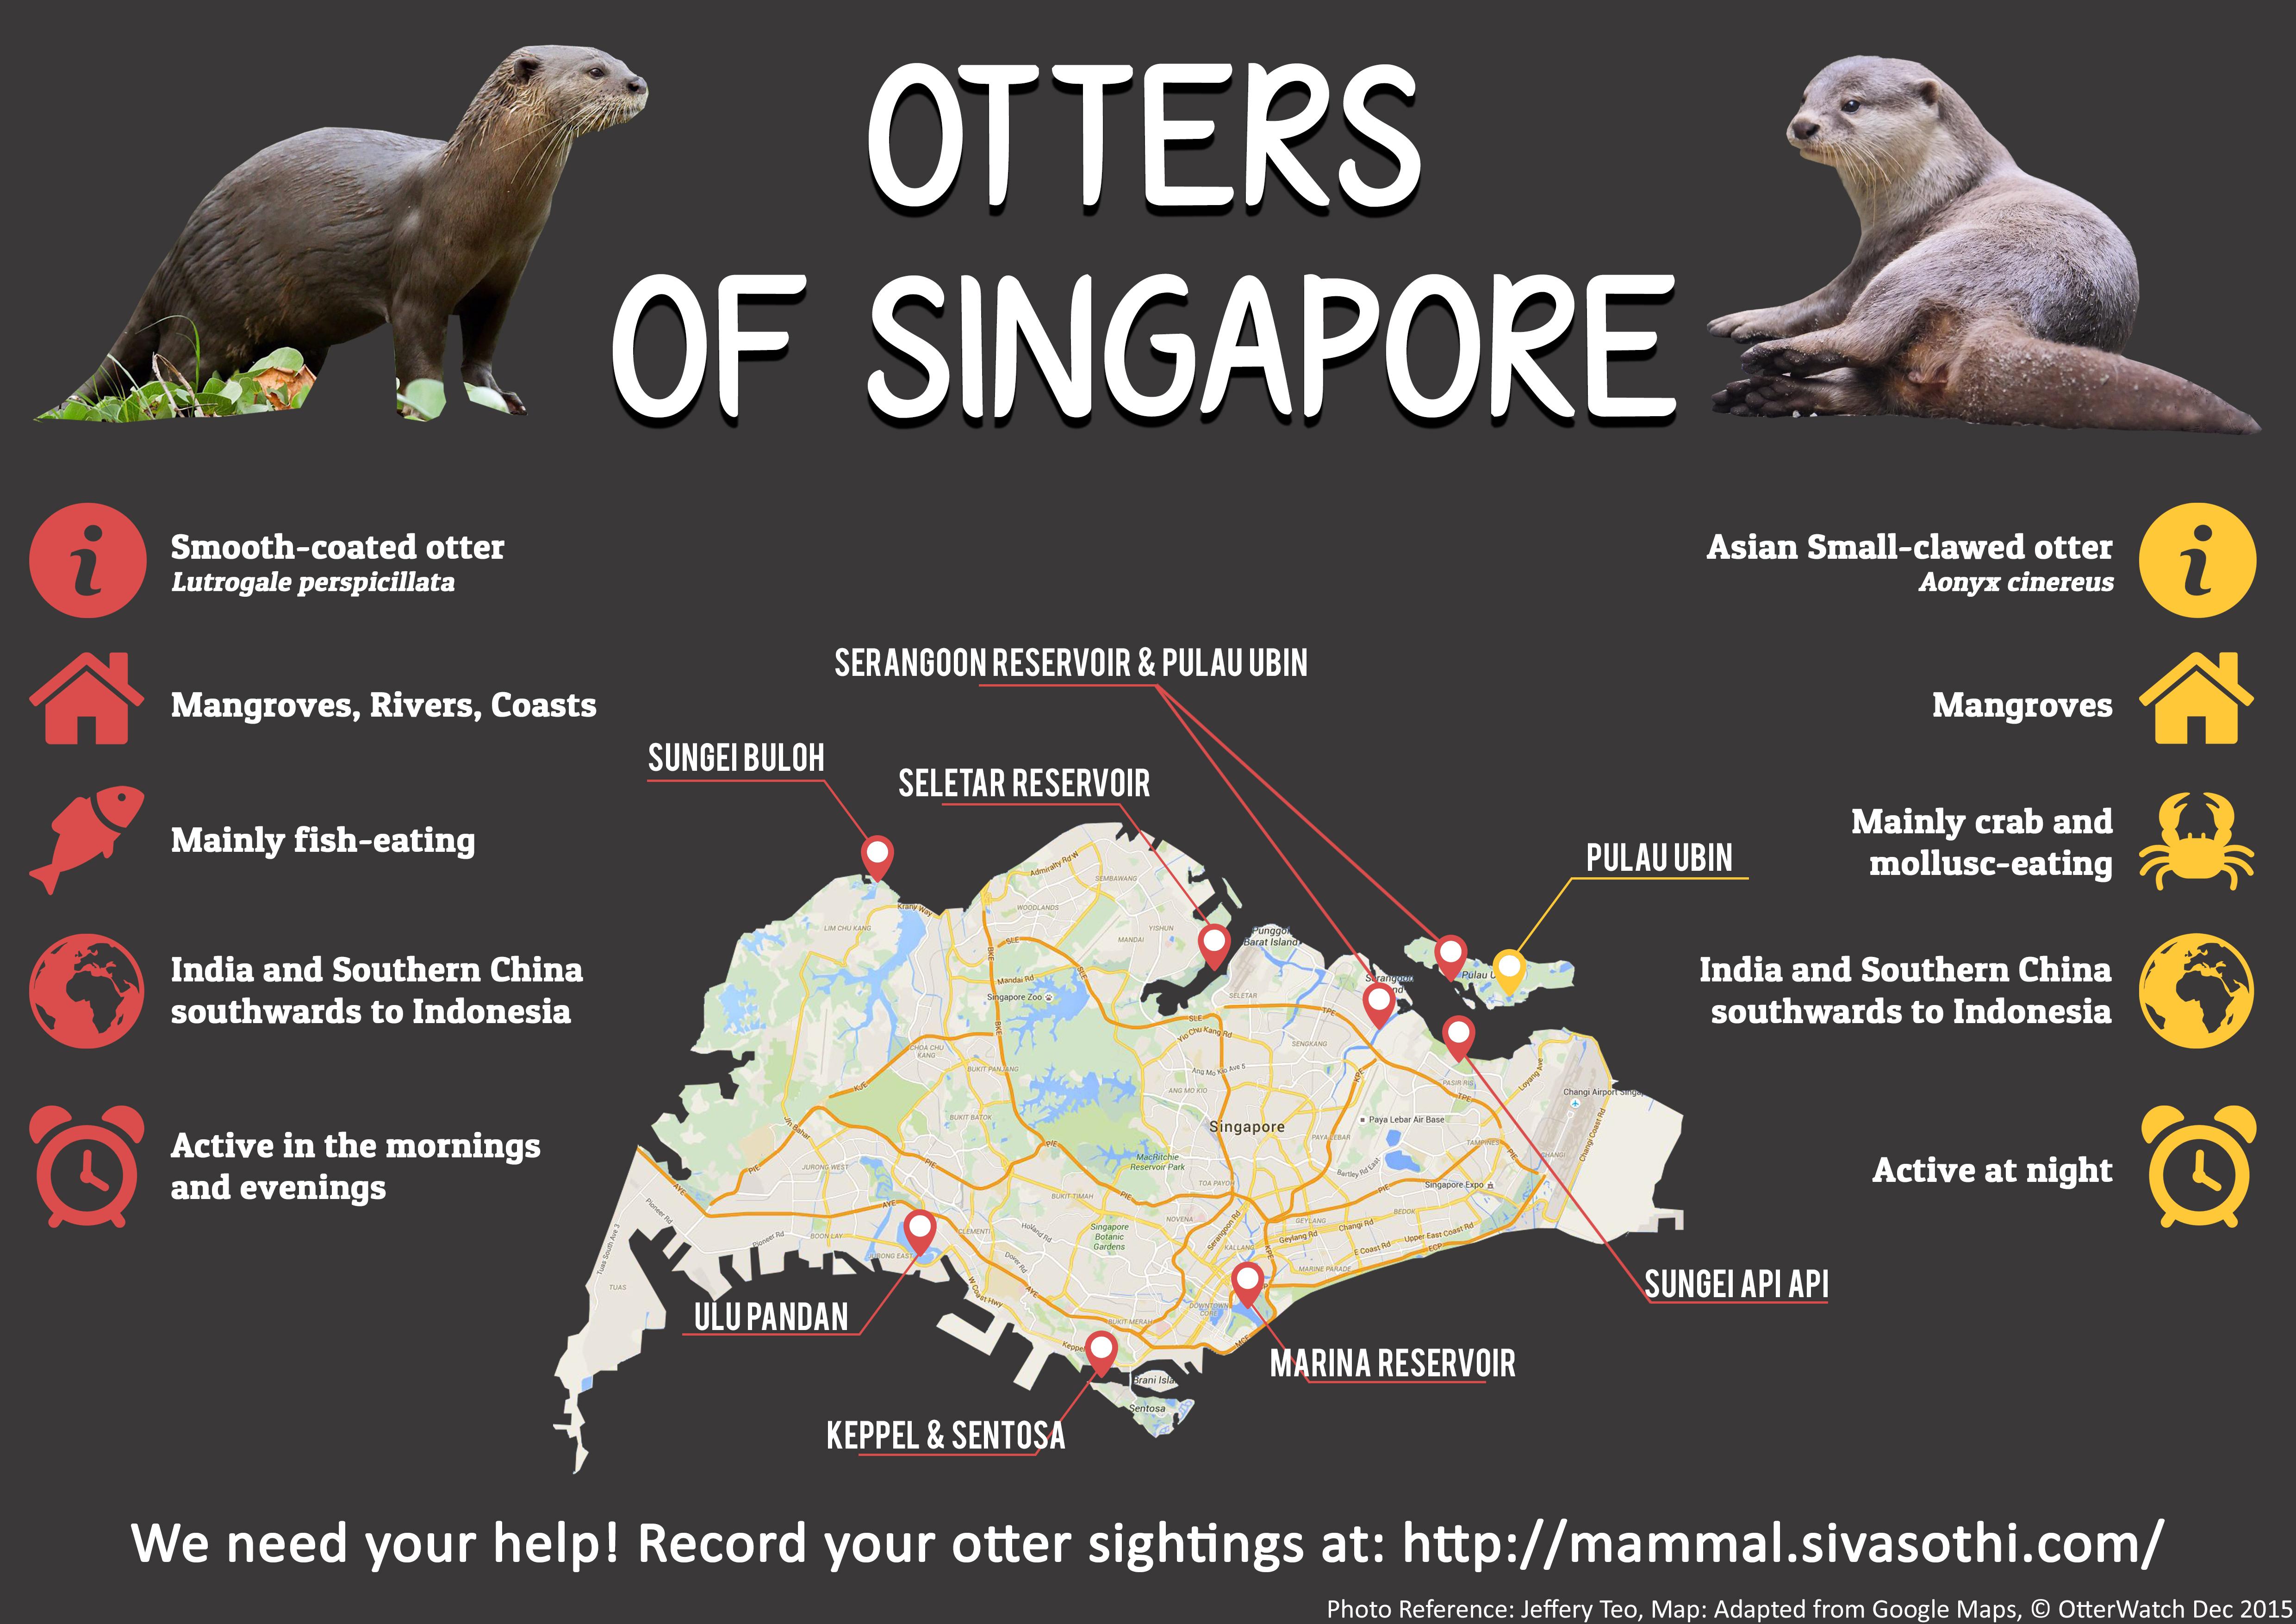 シンガポールに野生カワウソいるんだ!? 知らんかった!